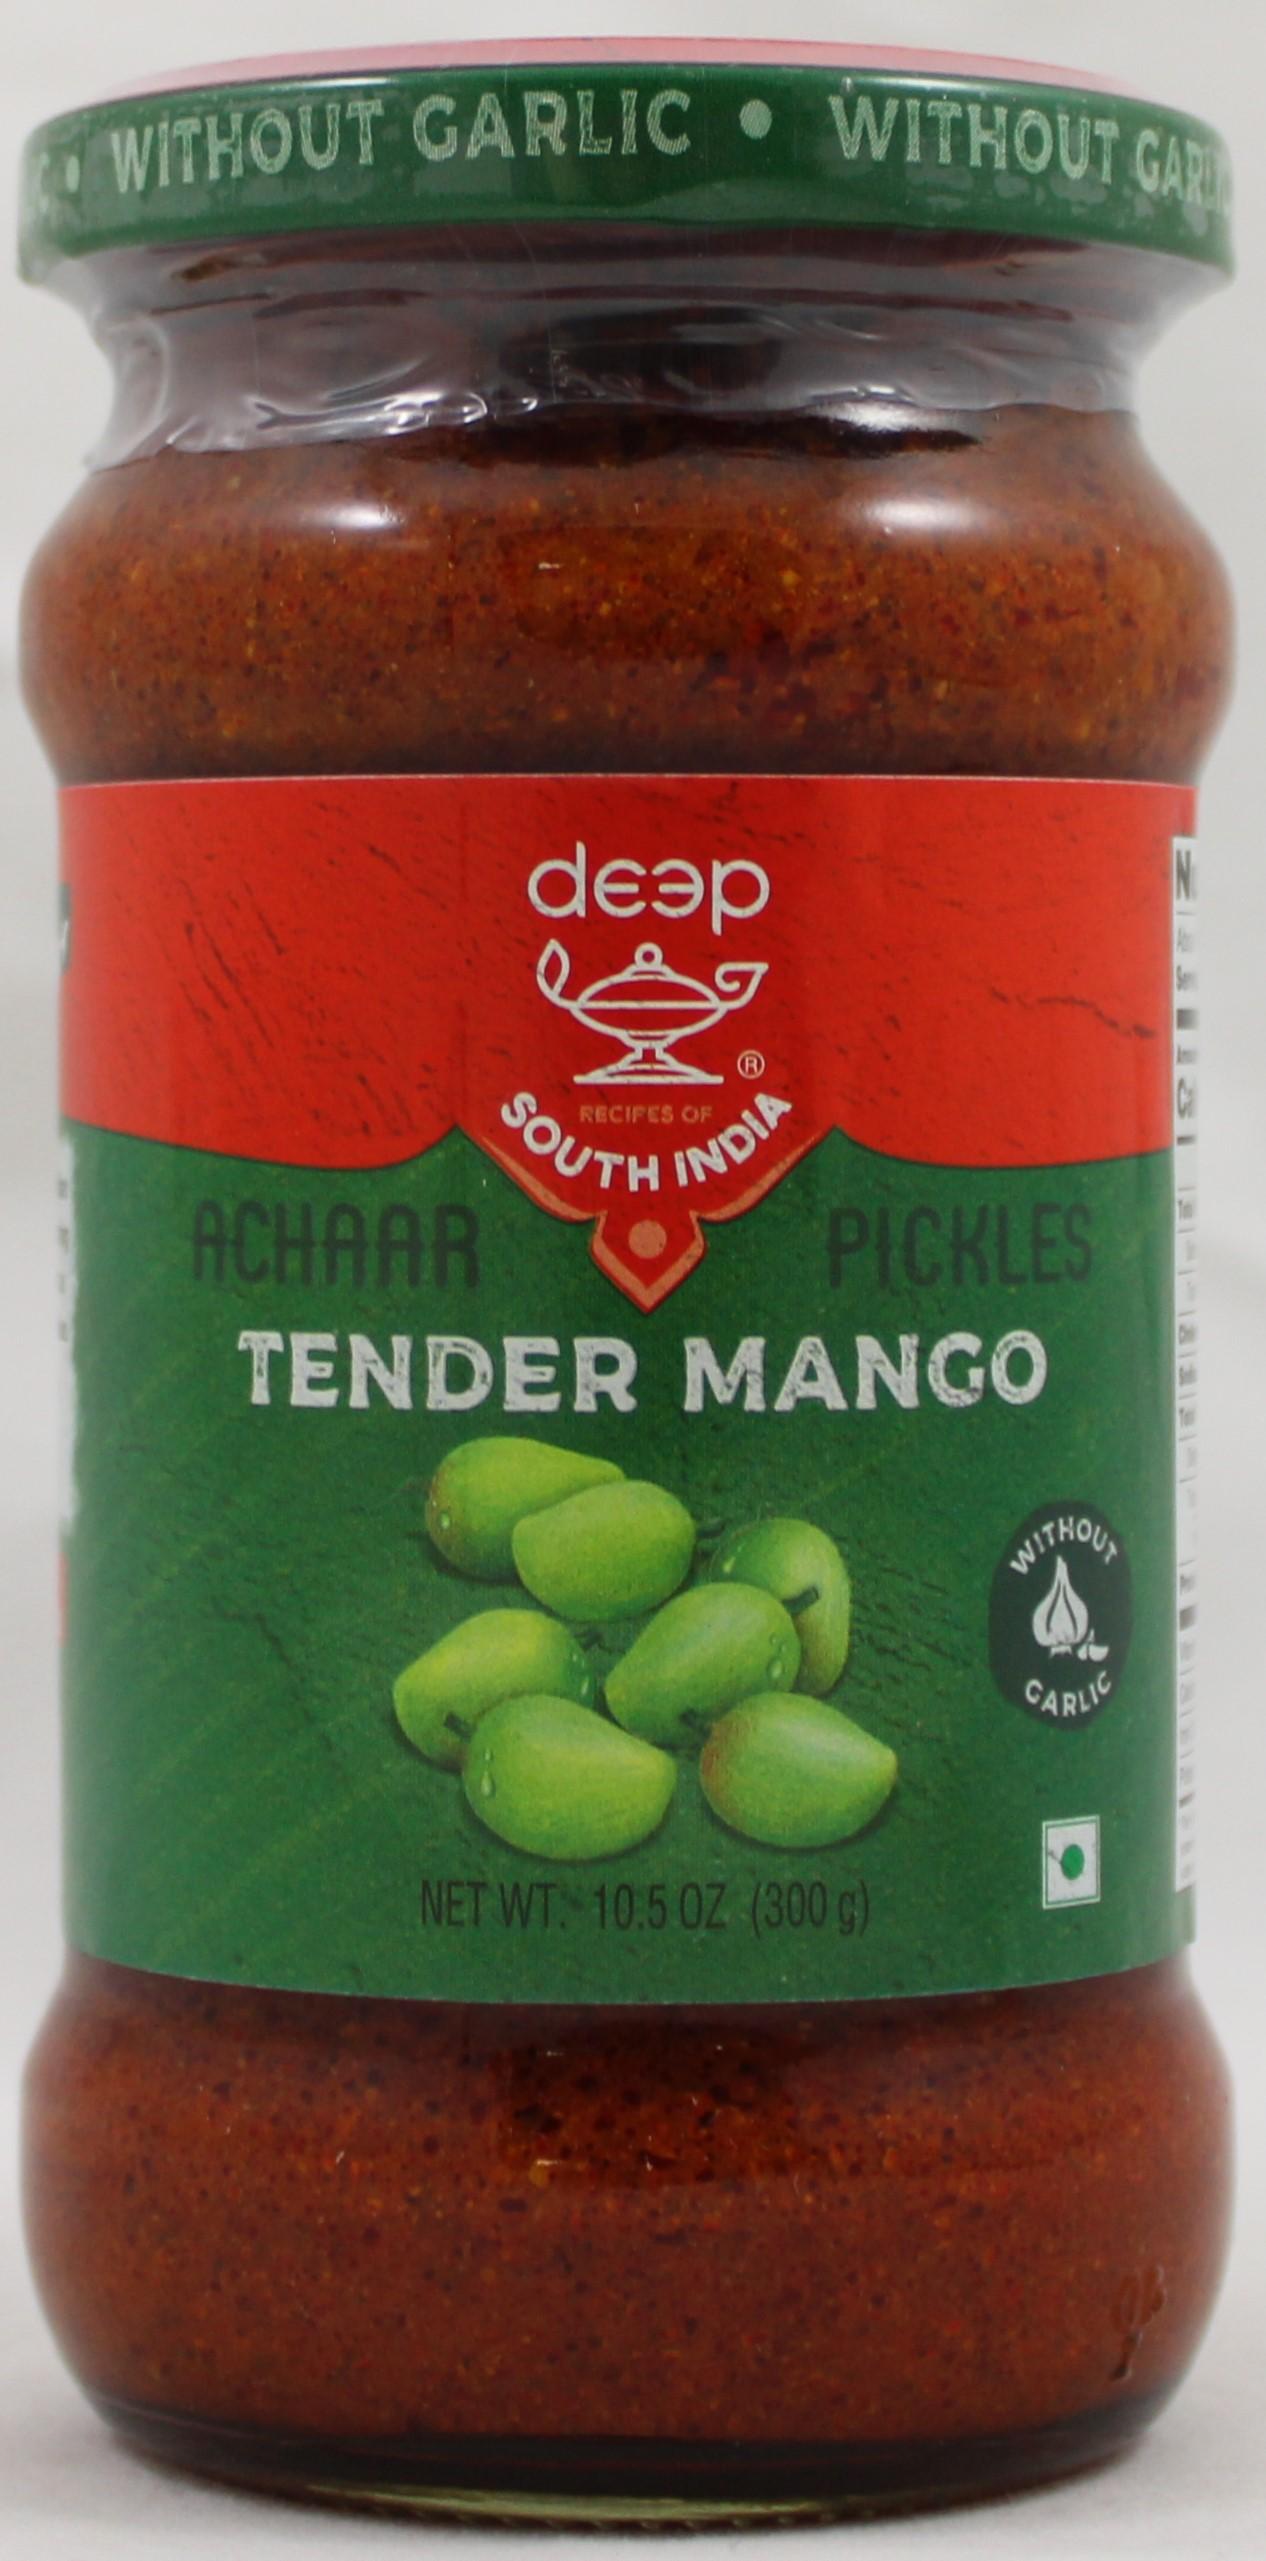 Tender Mango Piklw/o Garlic10.5oz